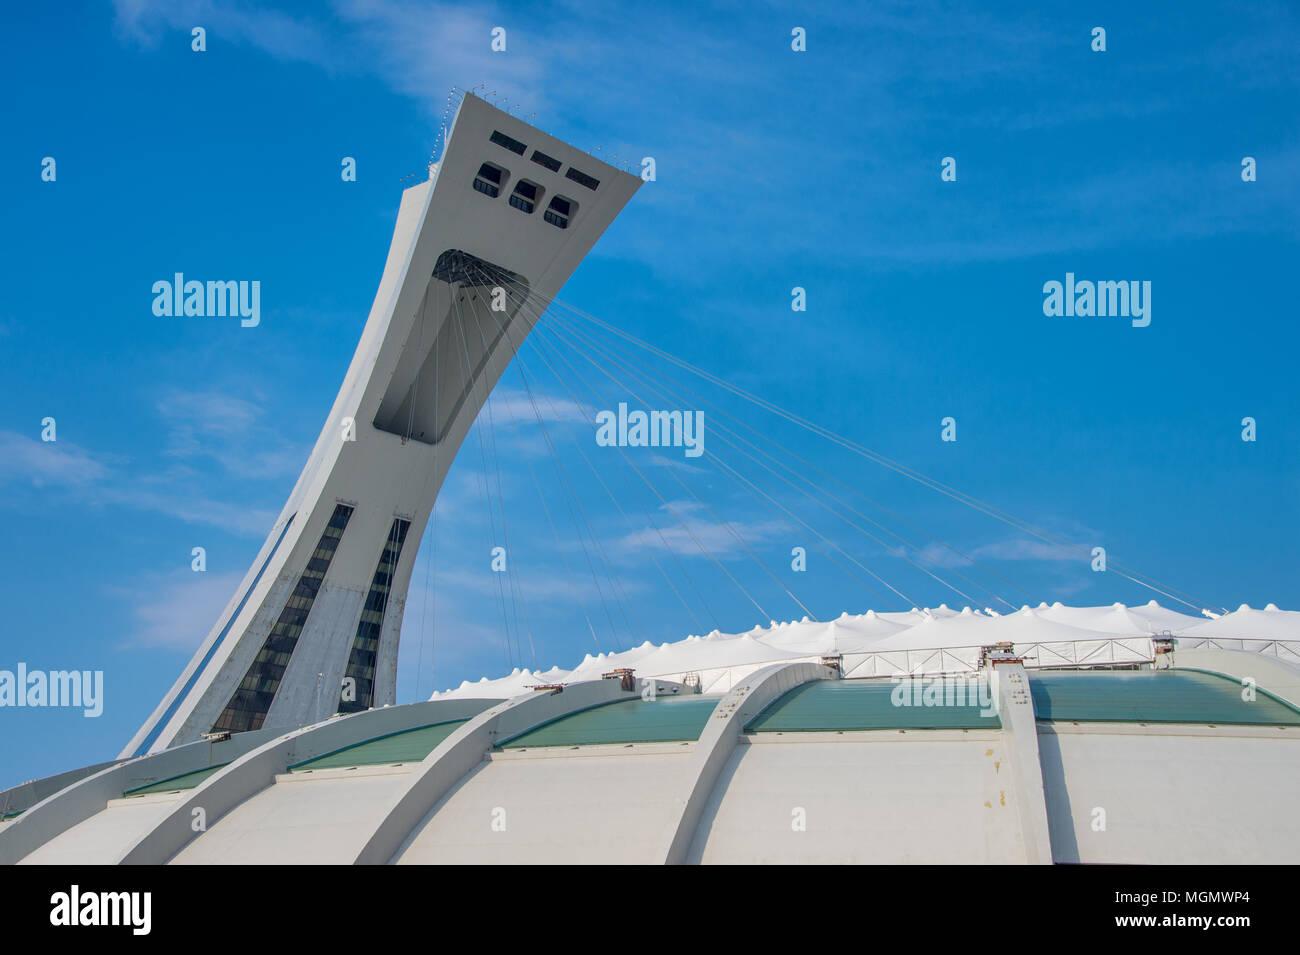 Montreal, CA - 28 de abril de 2018: El Estadio Olímpico de Montreal y la torre inclinada. Imagen De Stock